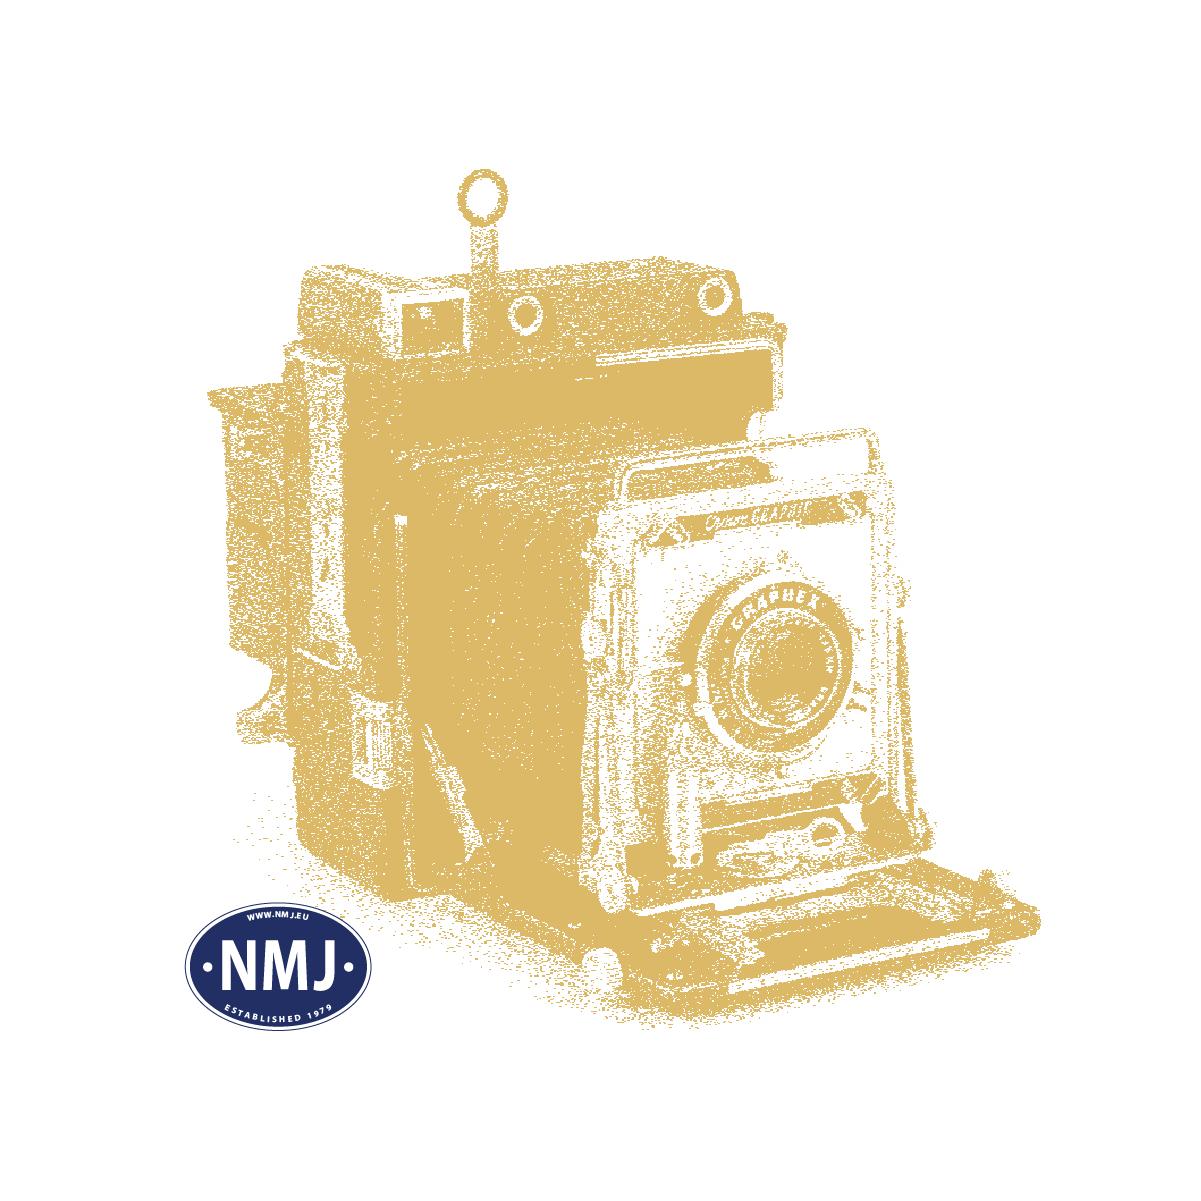 NMJT505.303 - NMJ Topline NSB Rps 31 76 393 3 202-3 m/ Finsam fliskasser